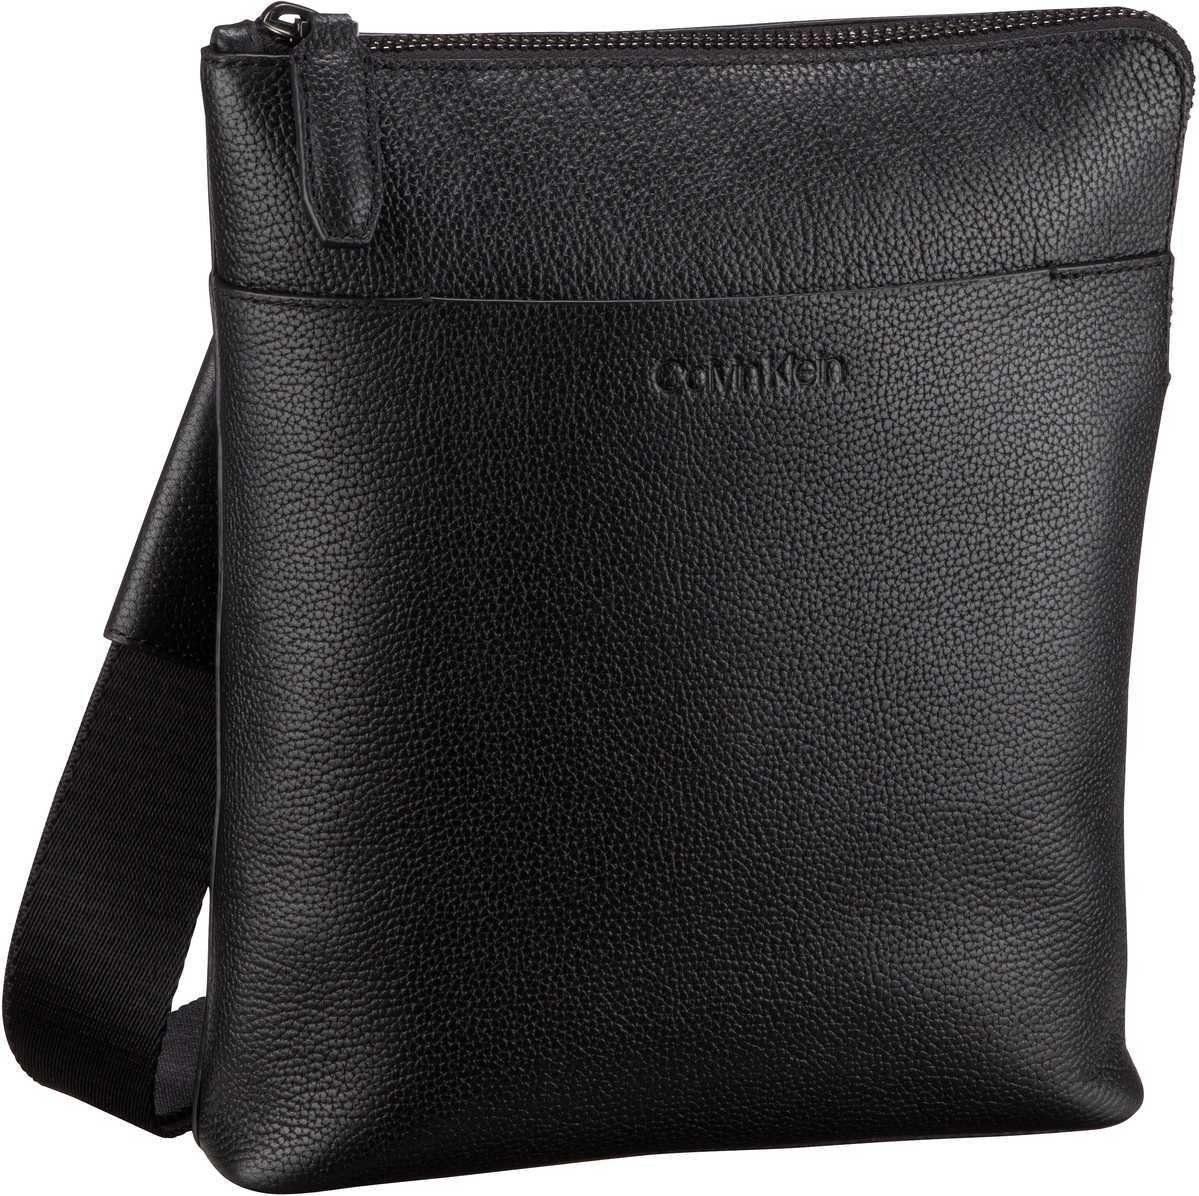 Umhängetasche Leather Klein Ipad »essential Online Crossover« Calvin xw58Ztw